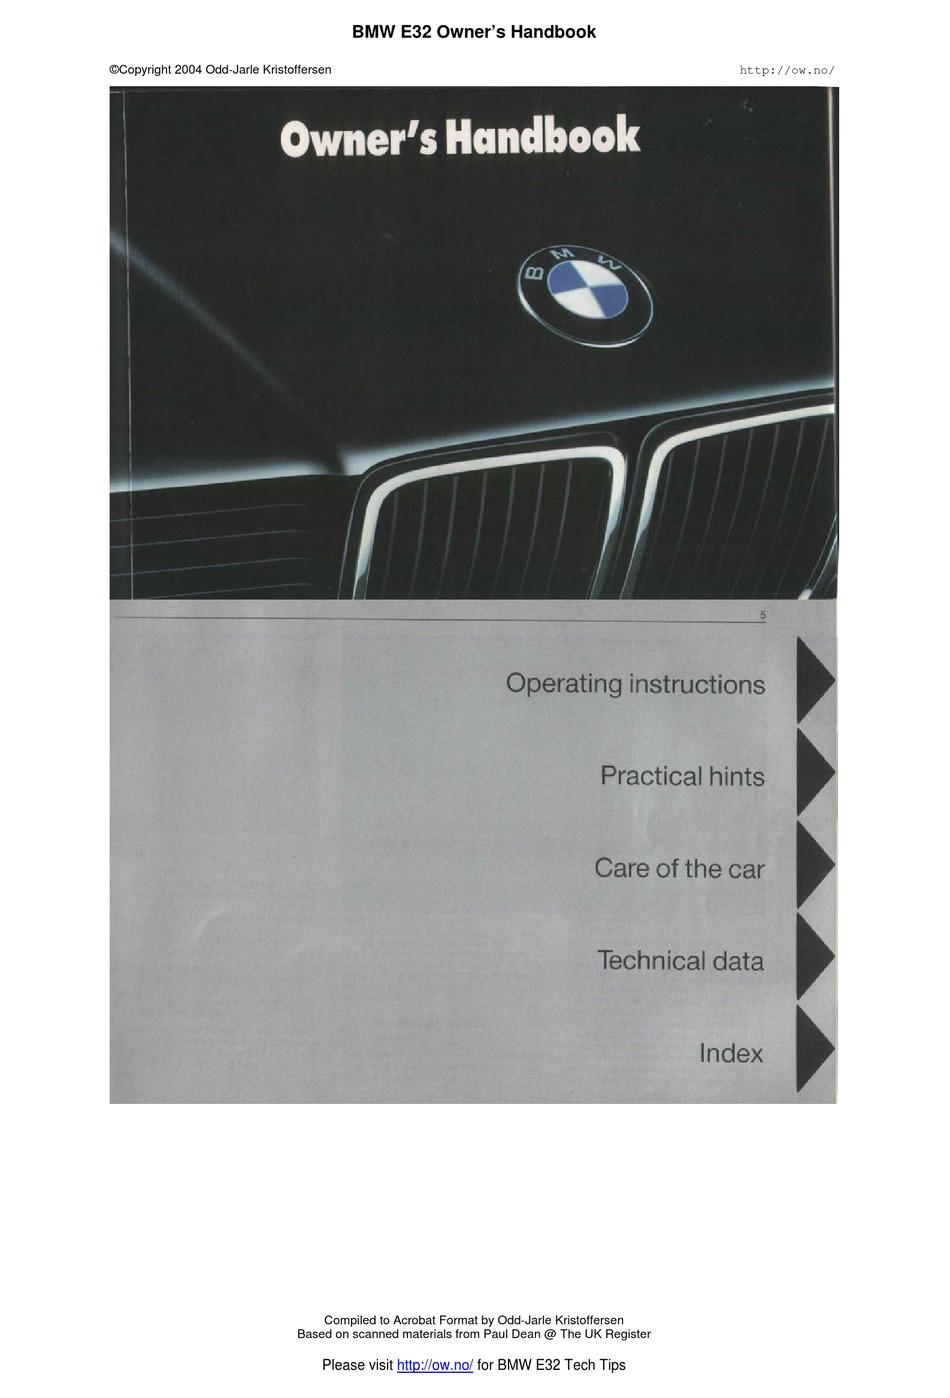 Bmw E32 Owner S Handbook Manual Pdf Download Manualslib